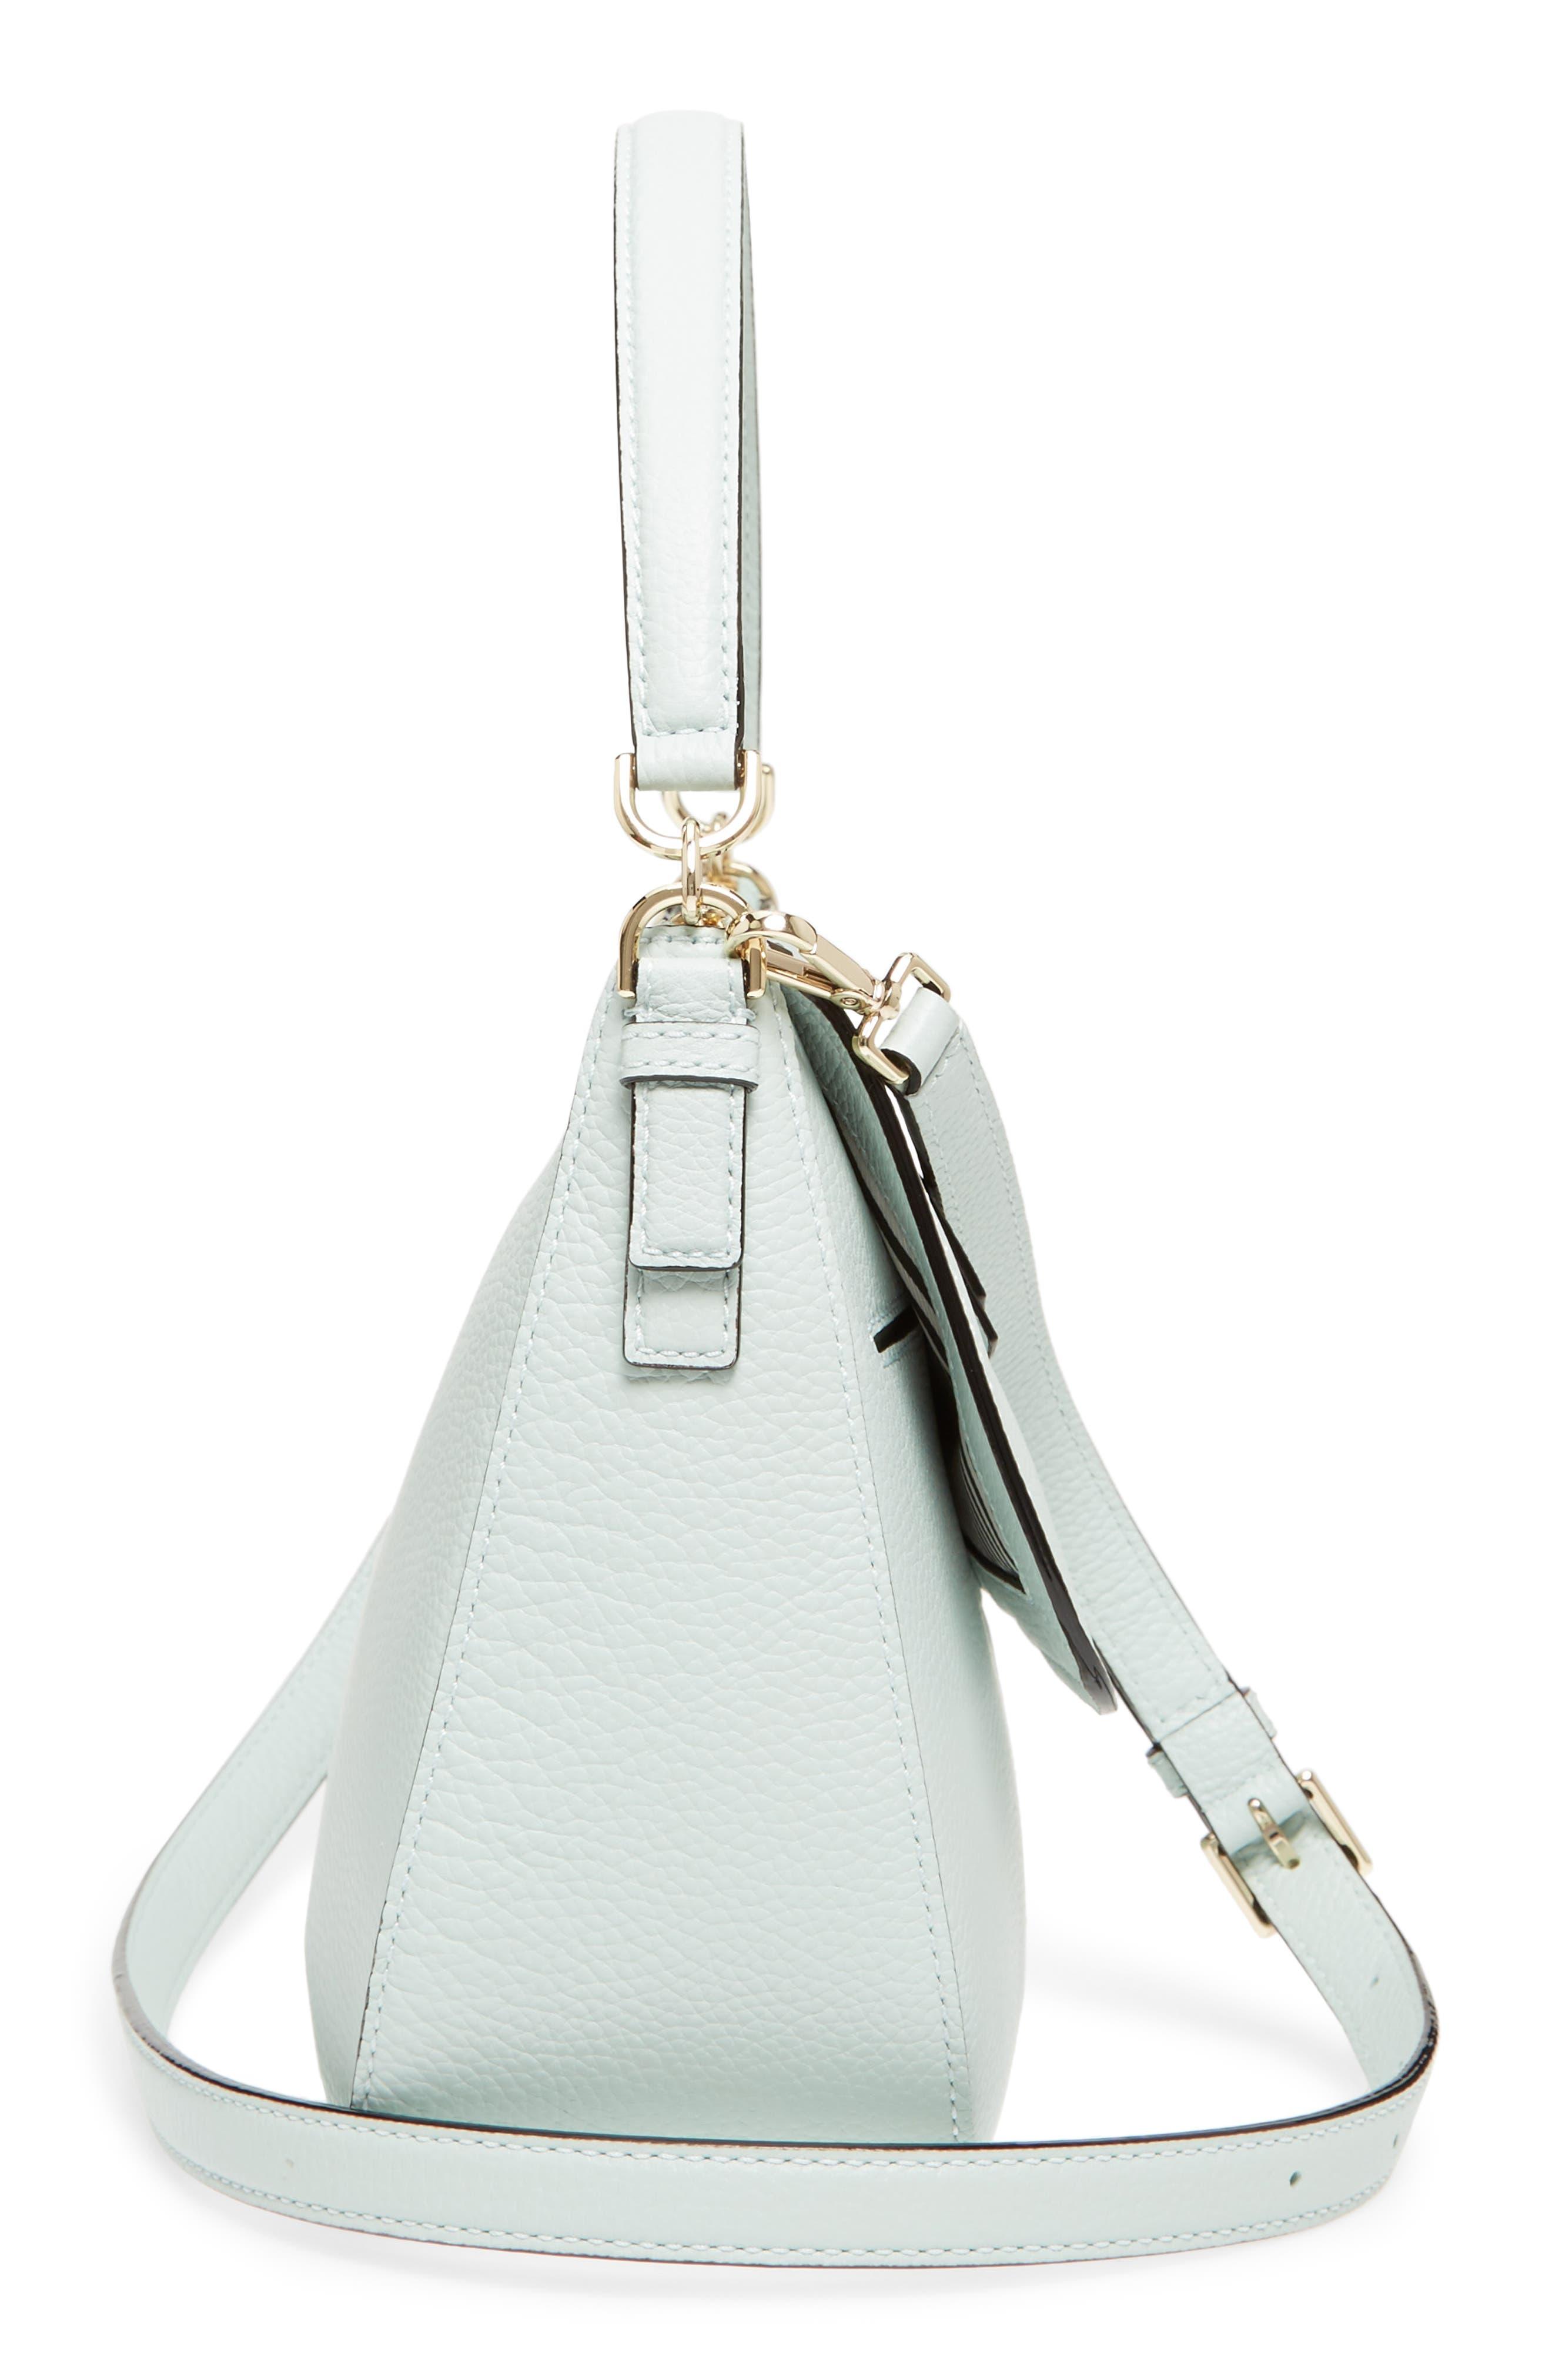 jackson street - colette leather satchel,                             Alternate thumbnail 2, color,                             Misty Mint